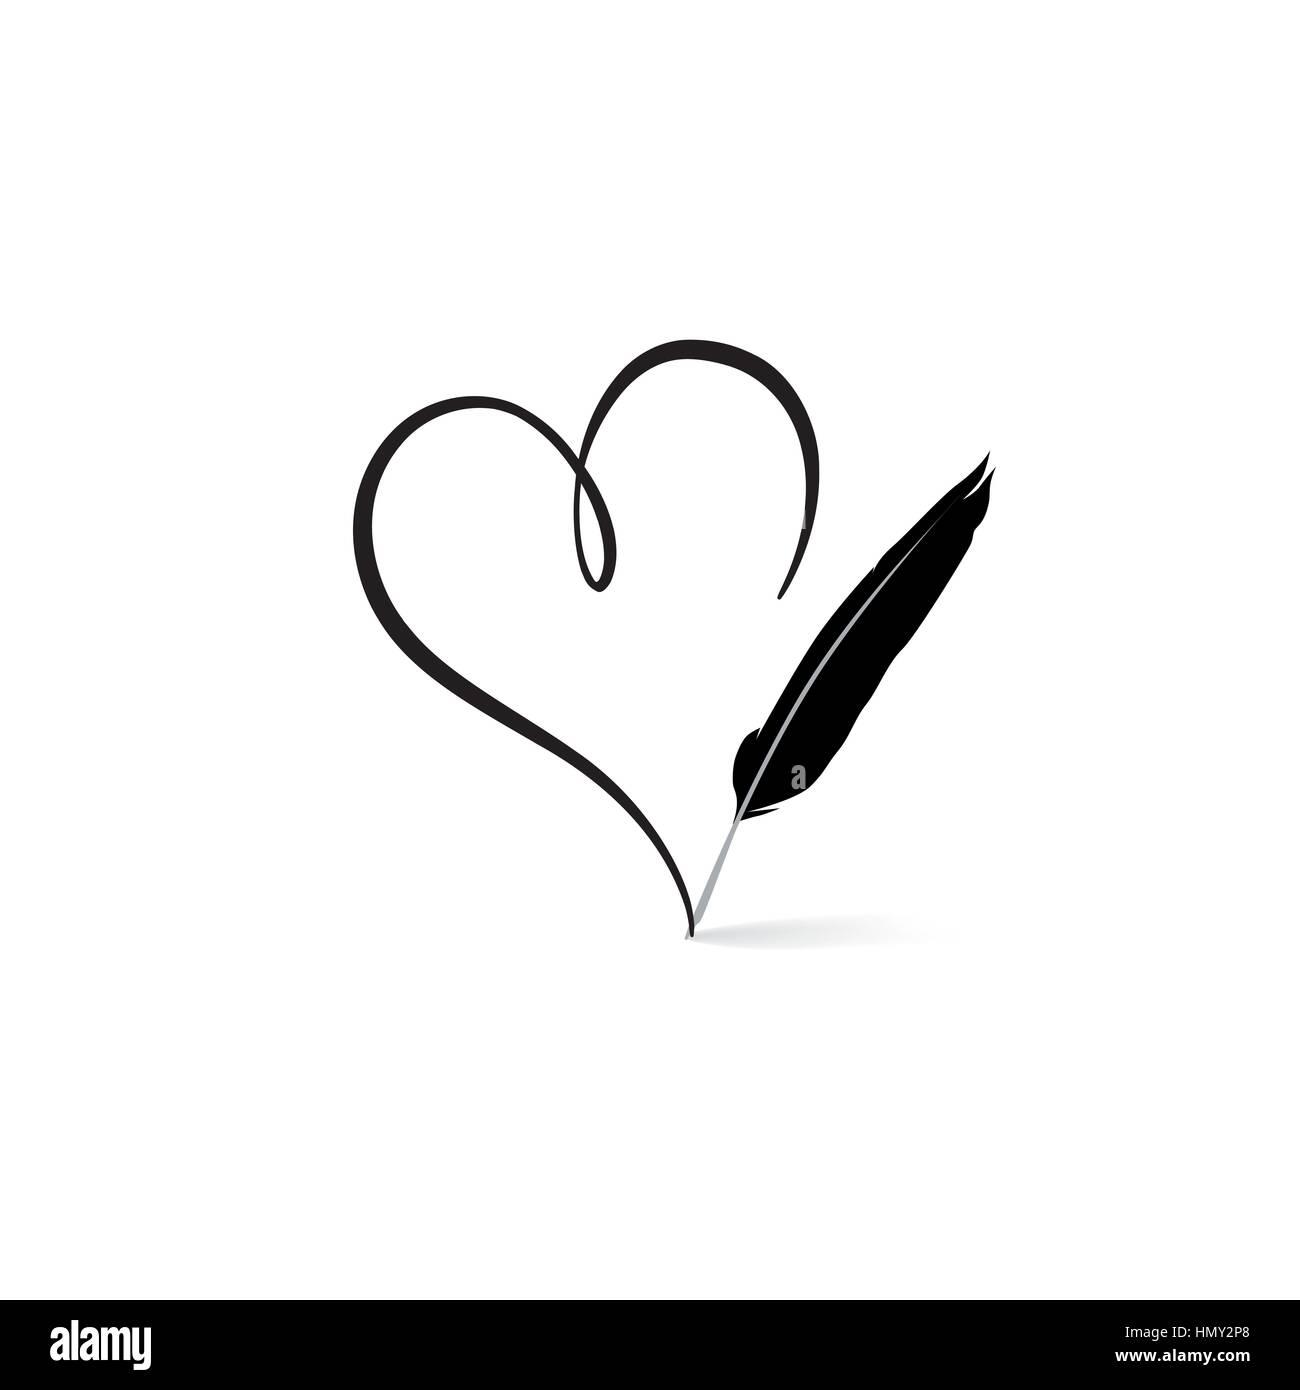 Liebe Herz Durch Feder Feder Gezeichnet. Die St. Valentinstag Grußkarte  Hintergrund. Herzform Design Für Liebe Symbole.